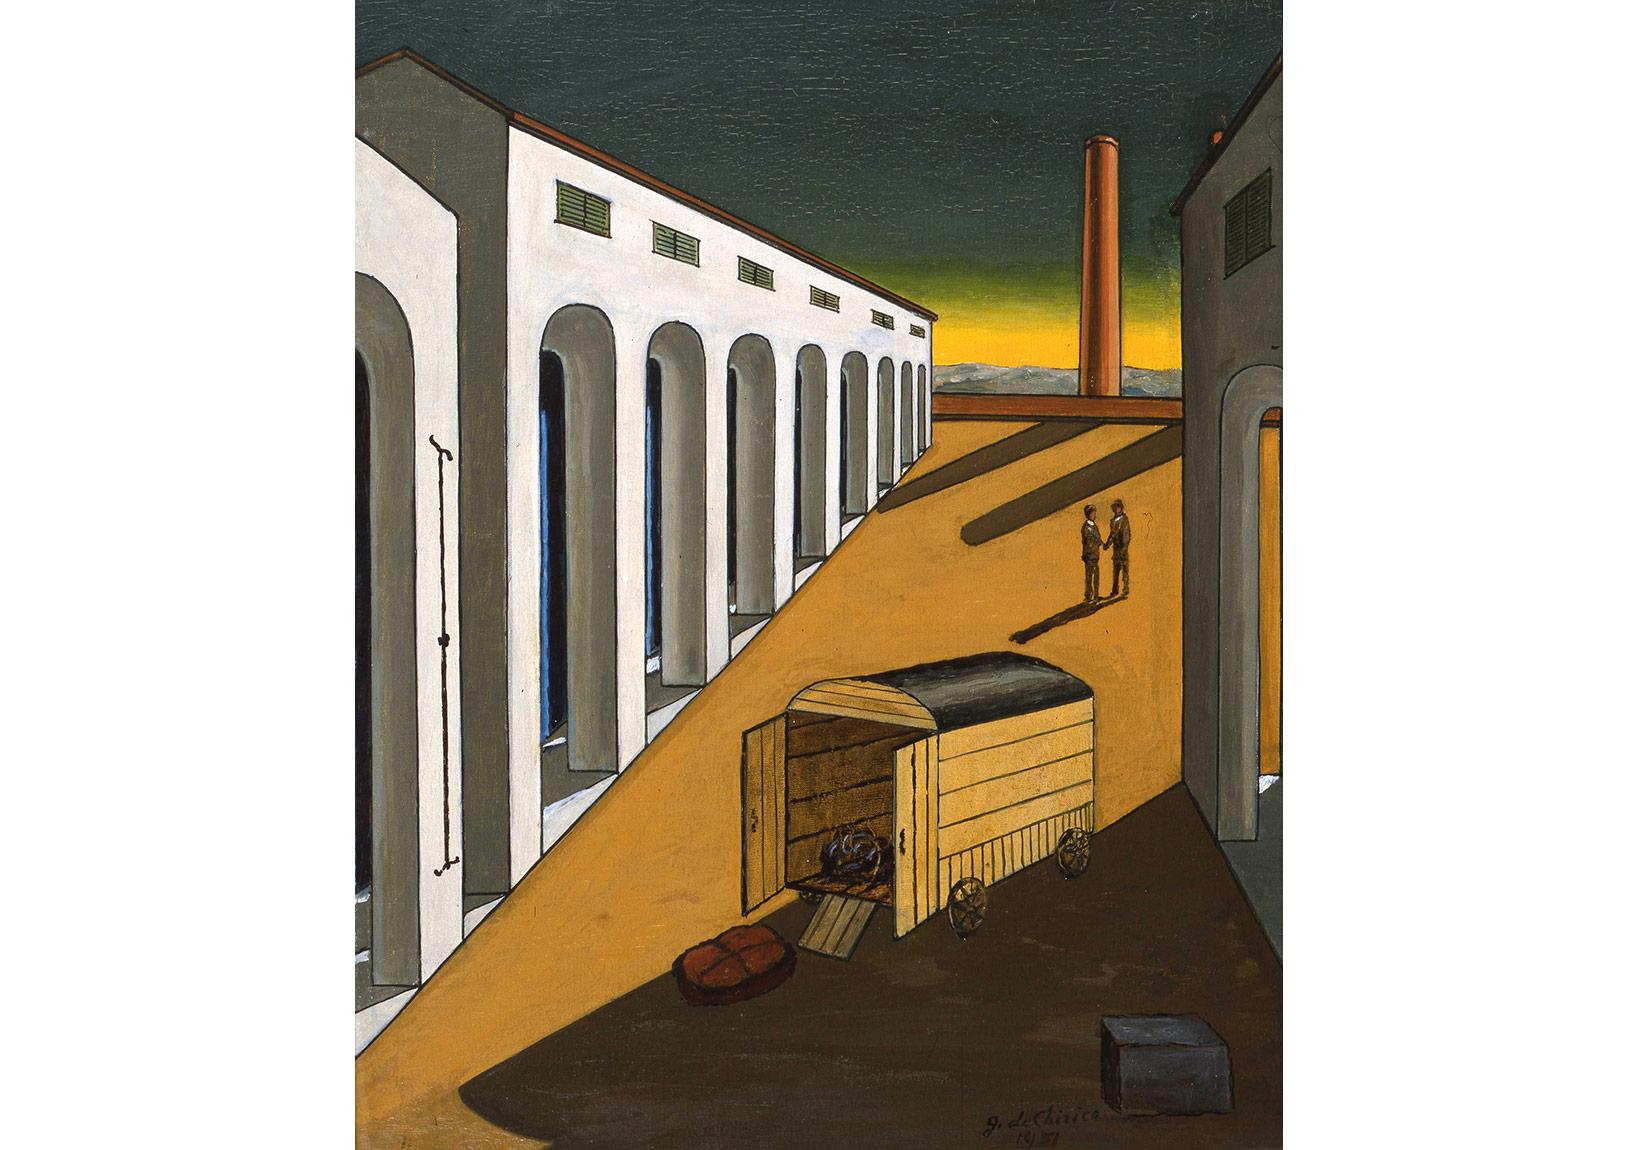 """Taşınan Eşyanın Gelişi (yak. 1965) (""""1951"""" tarihi düşülerek imzalanmıştır) Tuval üzerine yağlıboya, 50 x 40 cm. Giorgio ve Isa de Chirico Vakfı Koleksiyonu"""